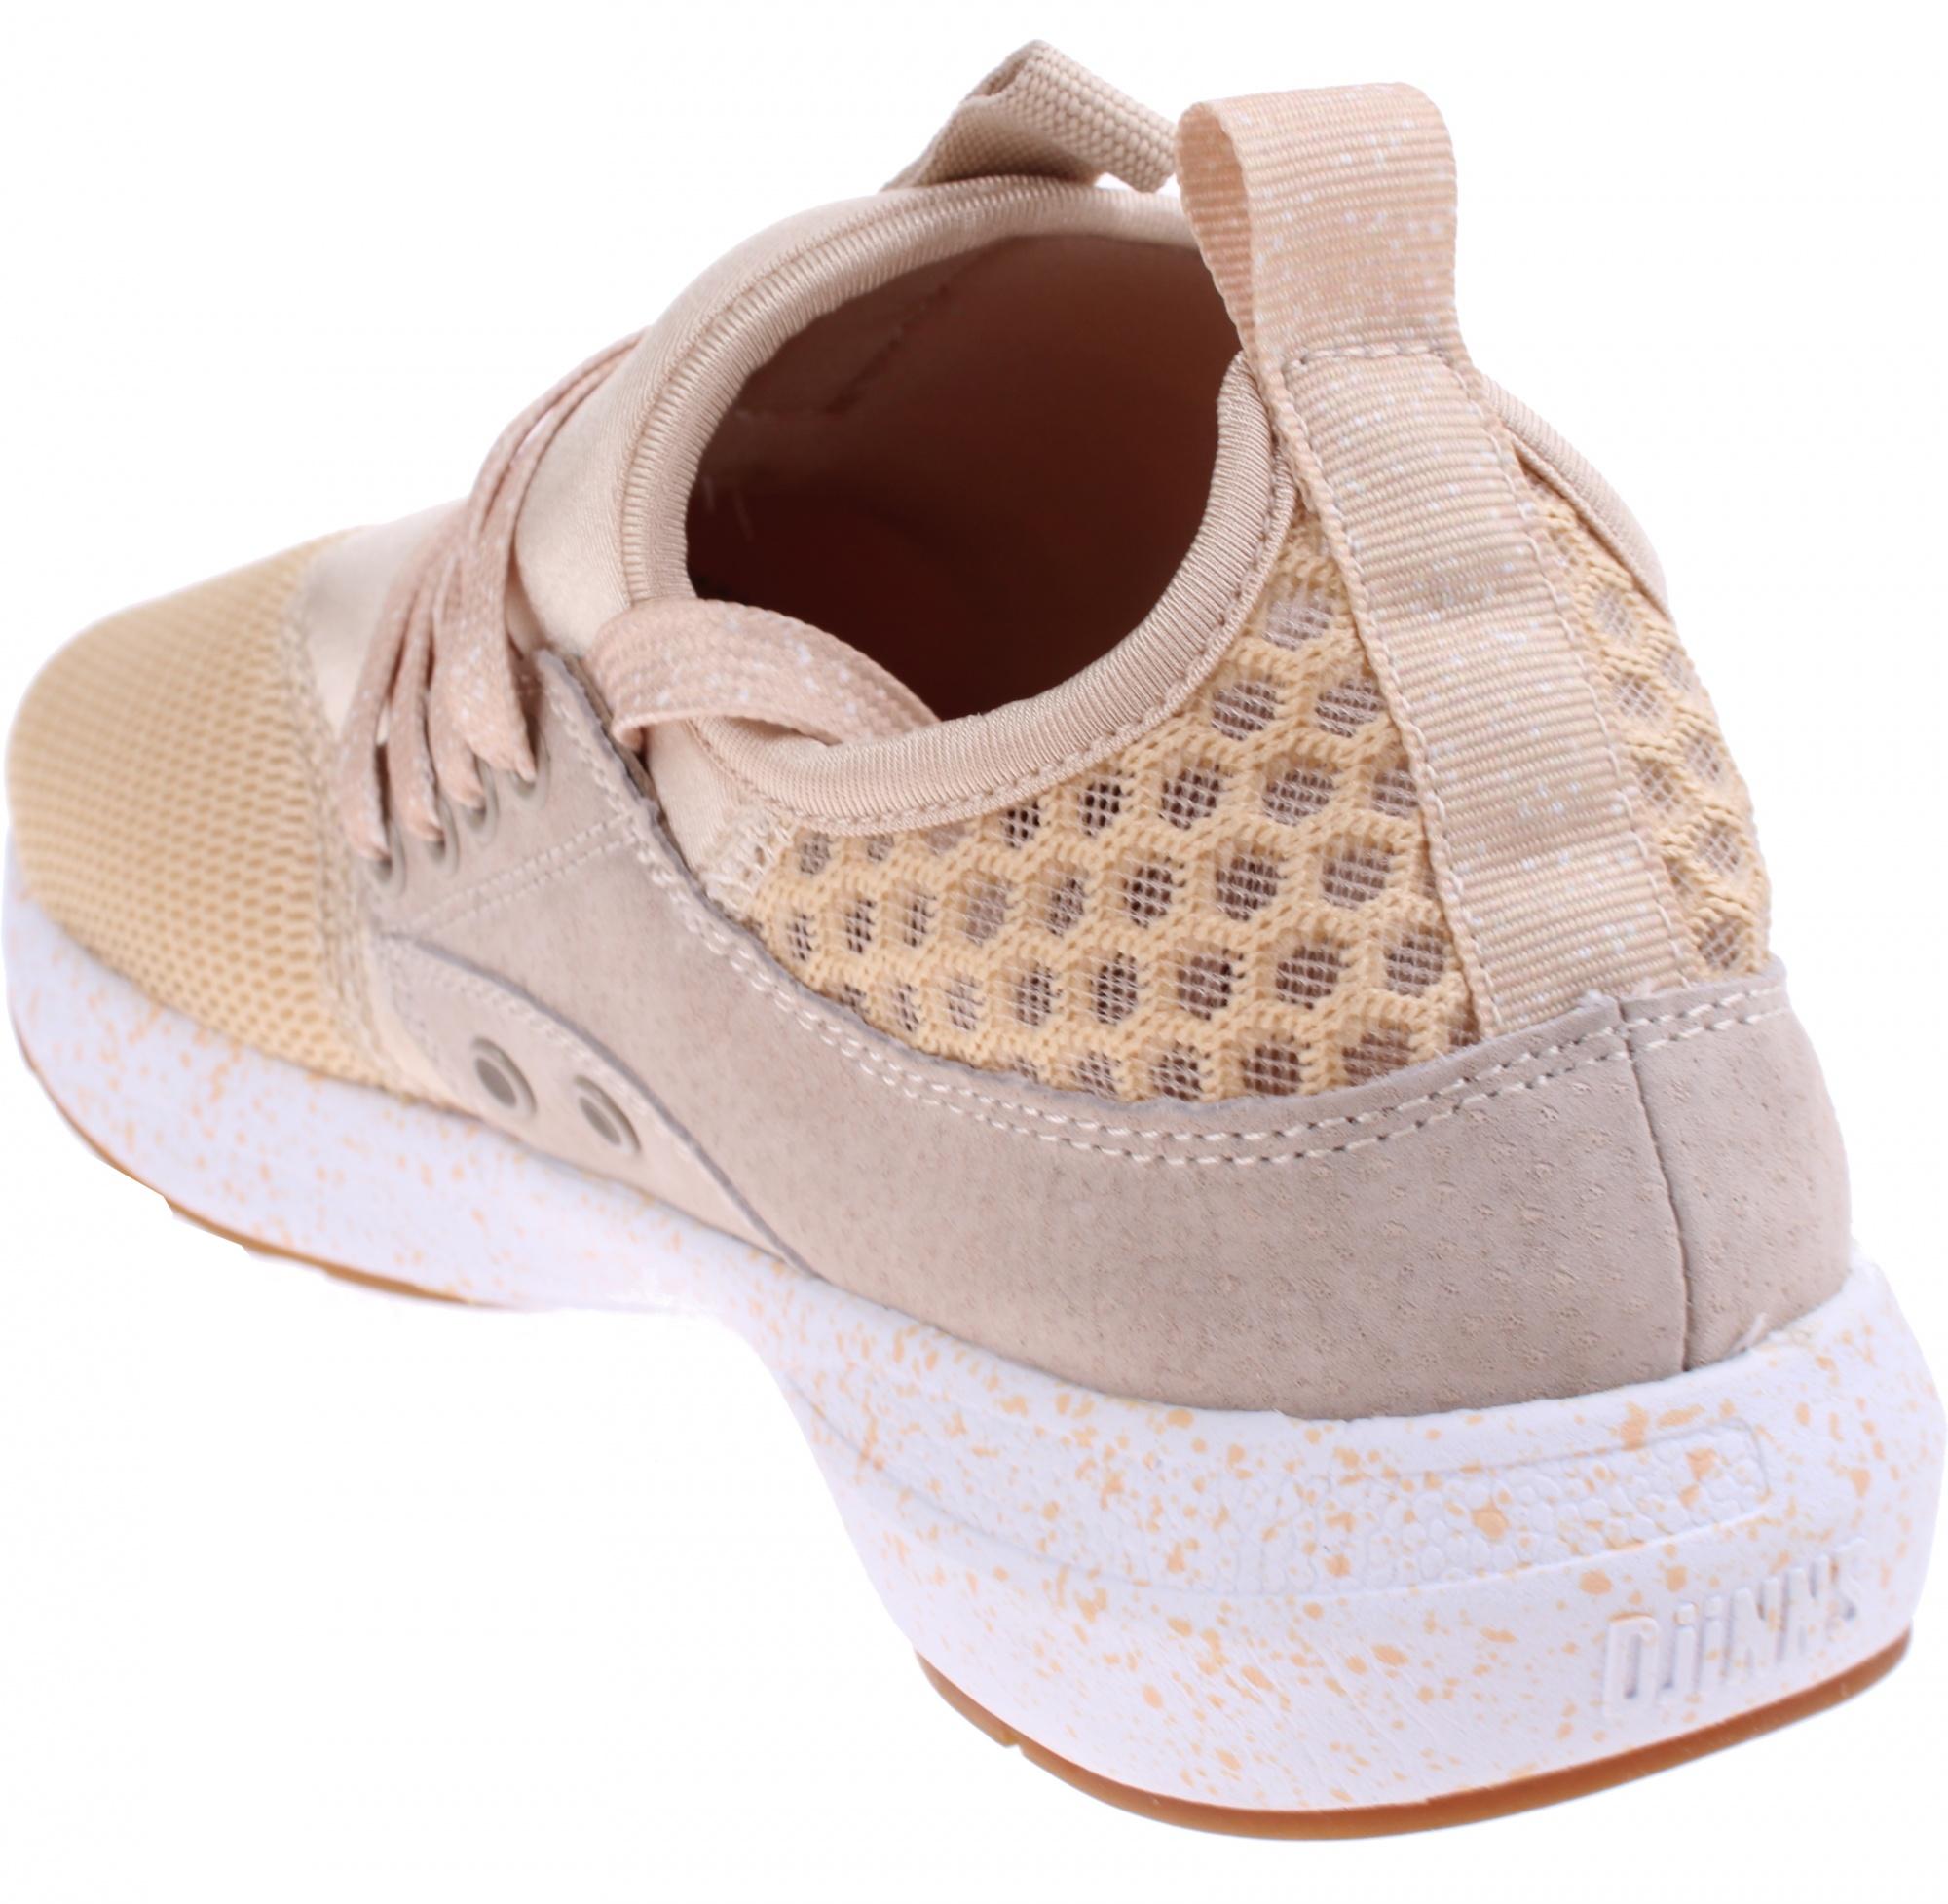 Neu Djinns MocLau 3.0 Triple Mesh Sneaker für Herren Beige